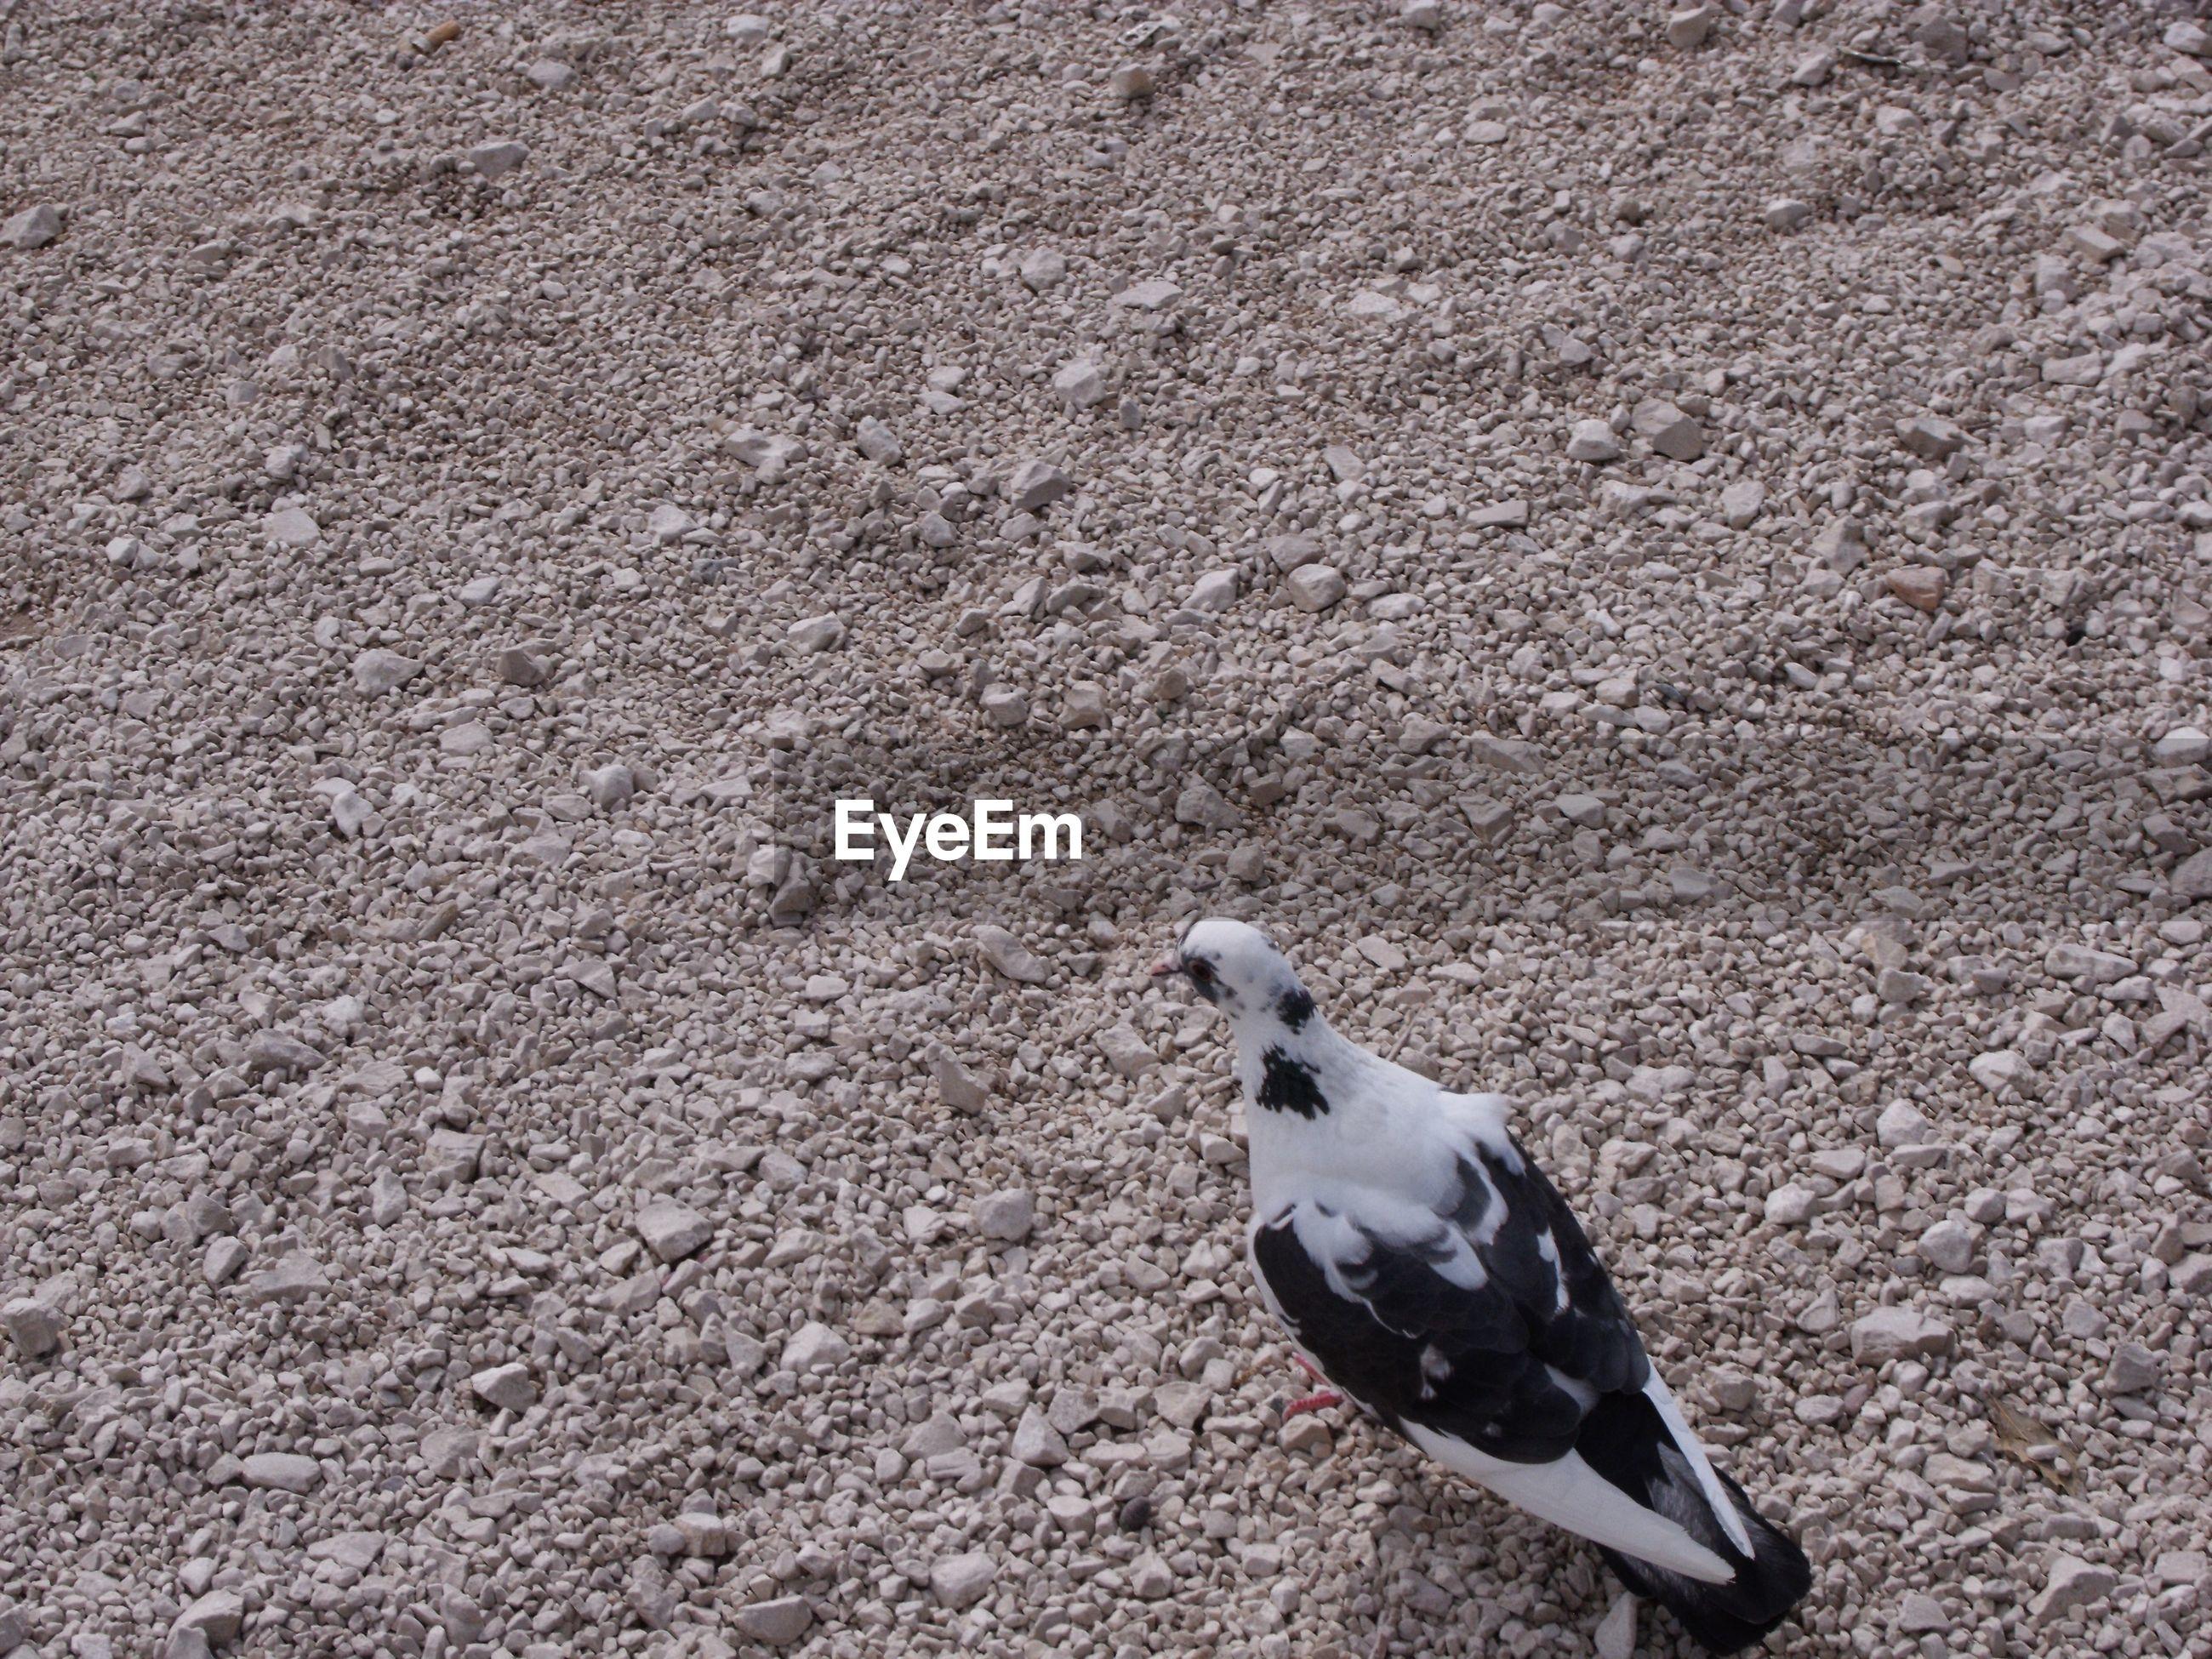 High angle view of pigeon on sand